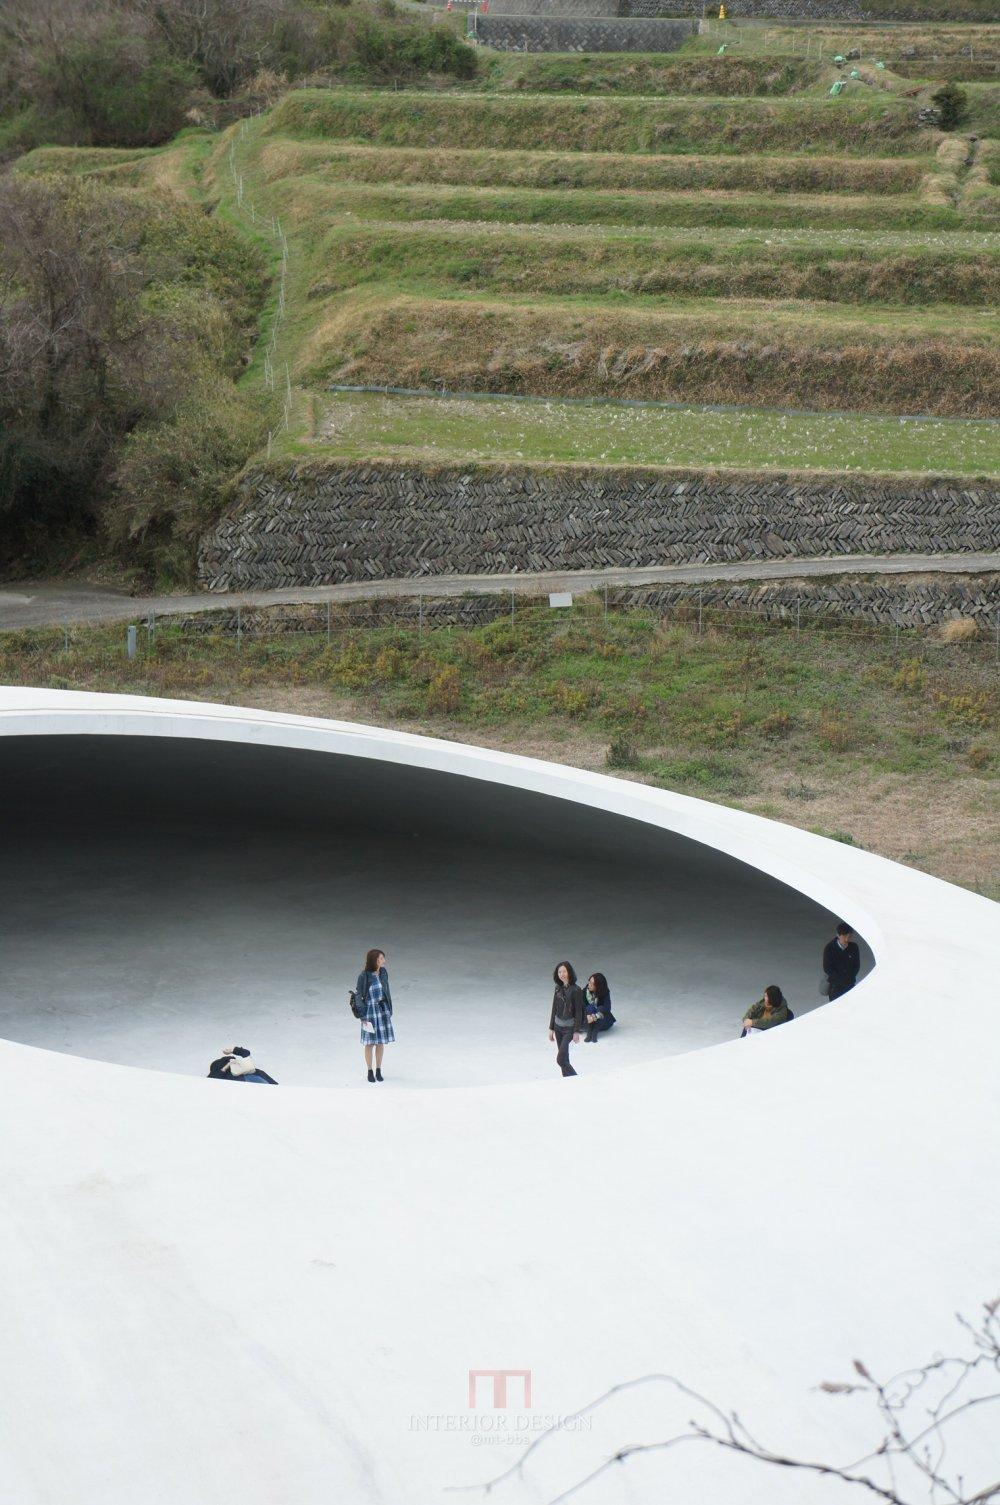 #伙伴一起看日本#  日本设计考察分享(更新美秀美术馆)_DSC06016.JPG